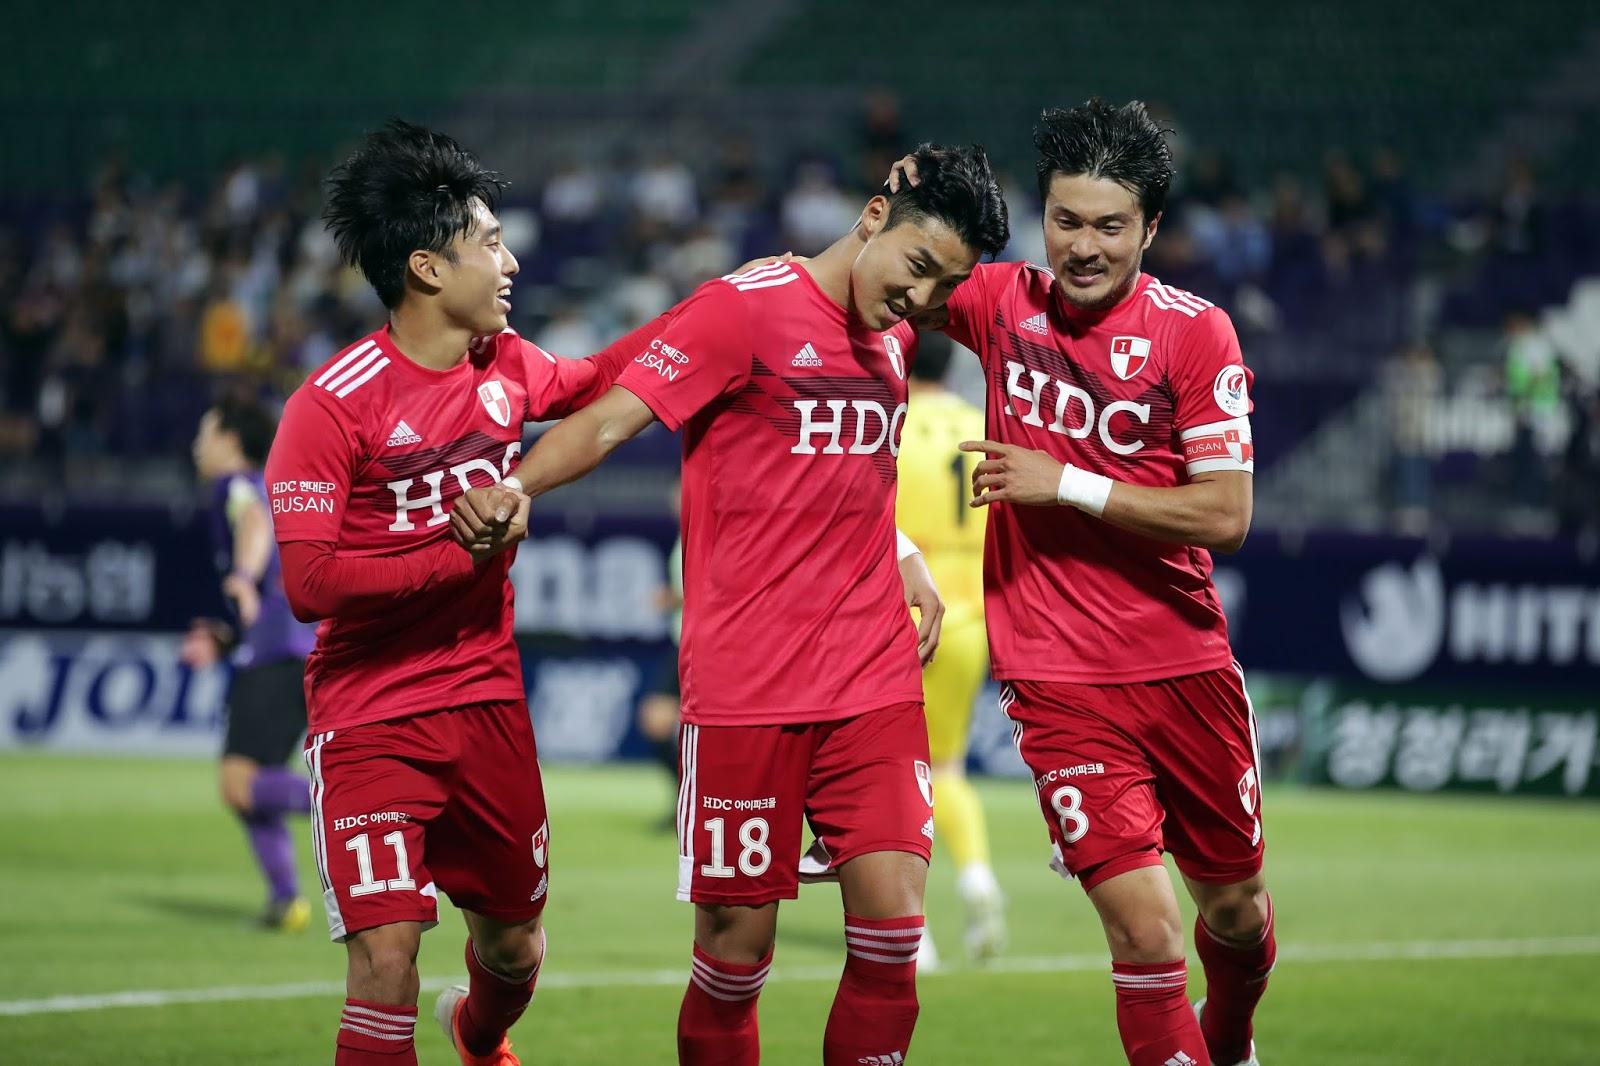 soi-keo-pohang-vs-busan-vao-12h-ngay-10-5-2020-2